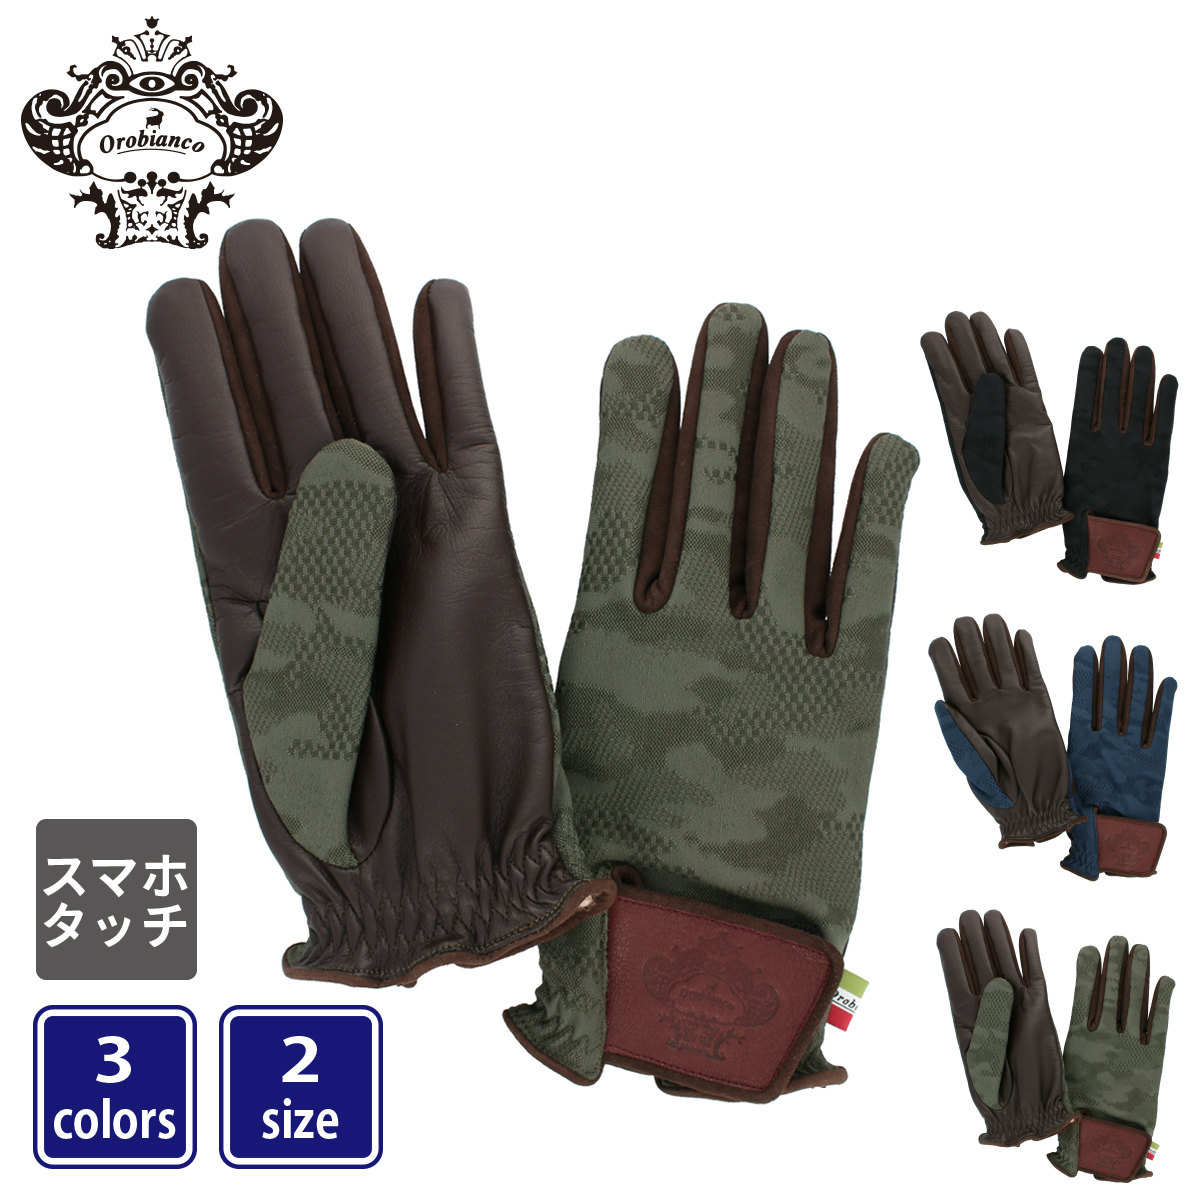 オロビアンコ メンズ ナイロン手袋 ニット裏地付 スマホ タッチパネル対応 Mサイズ MLサイズ 全3色